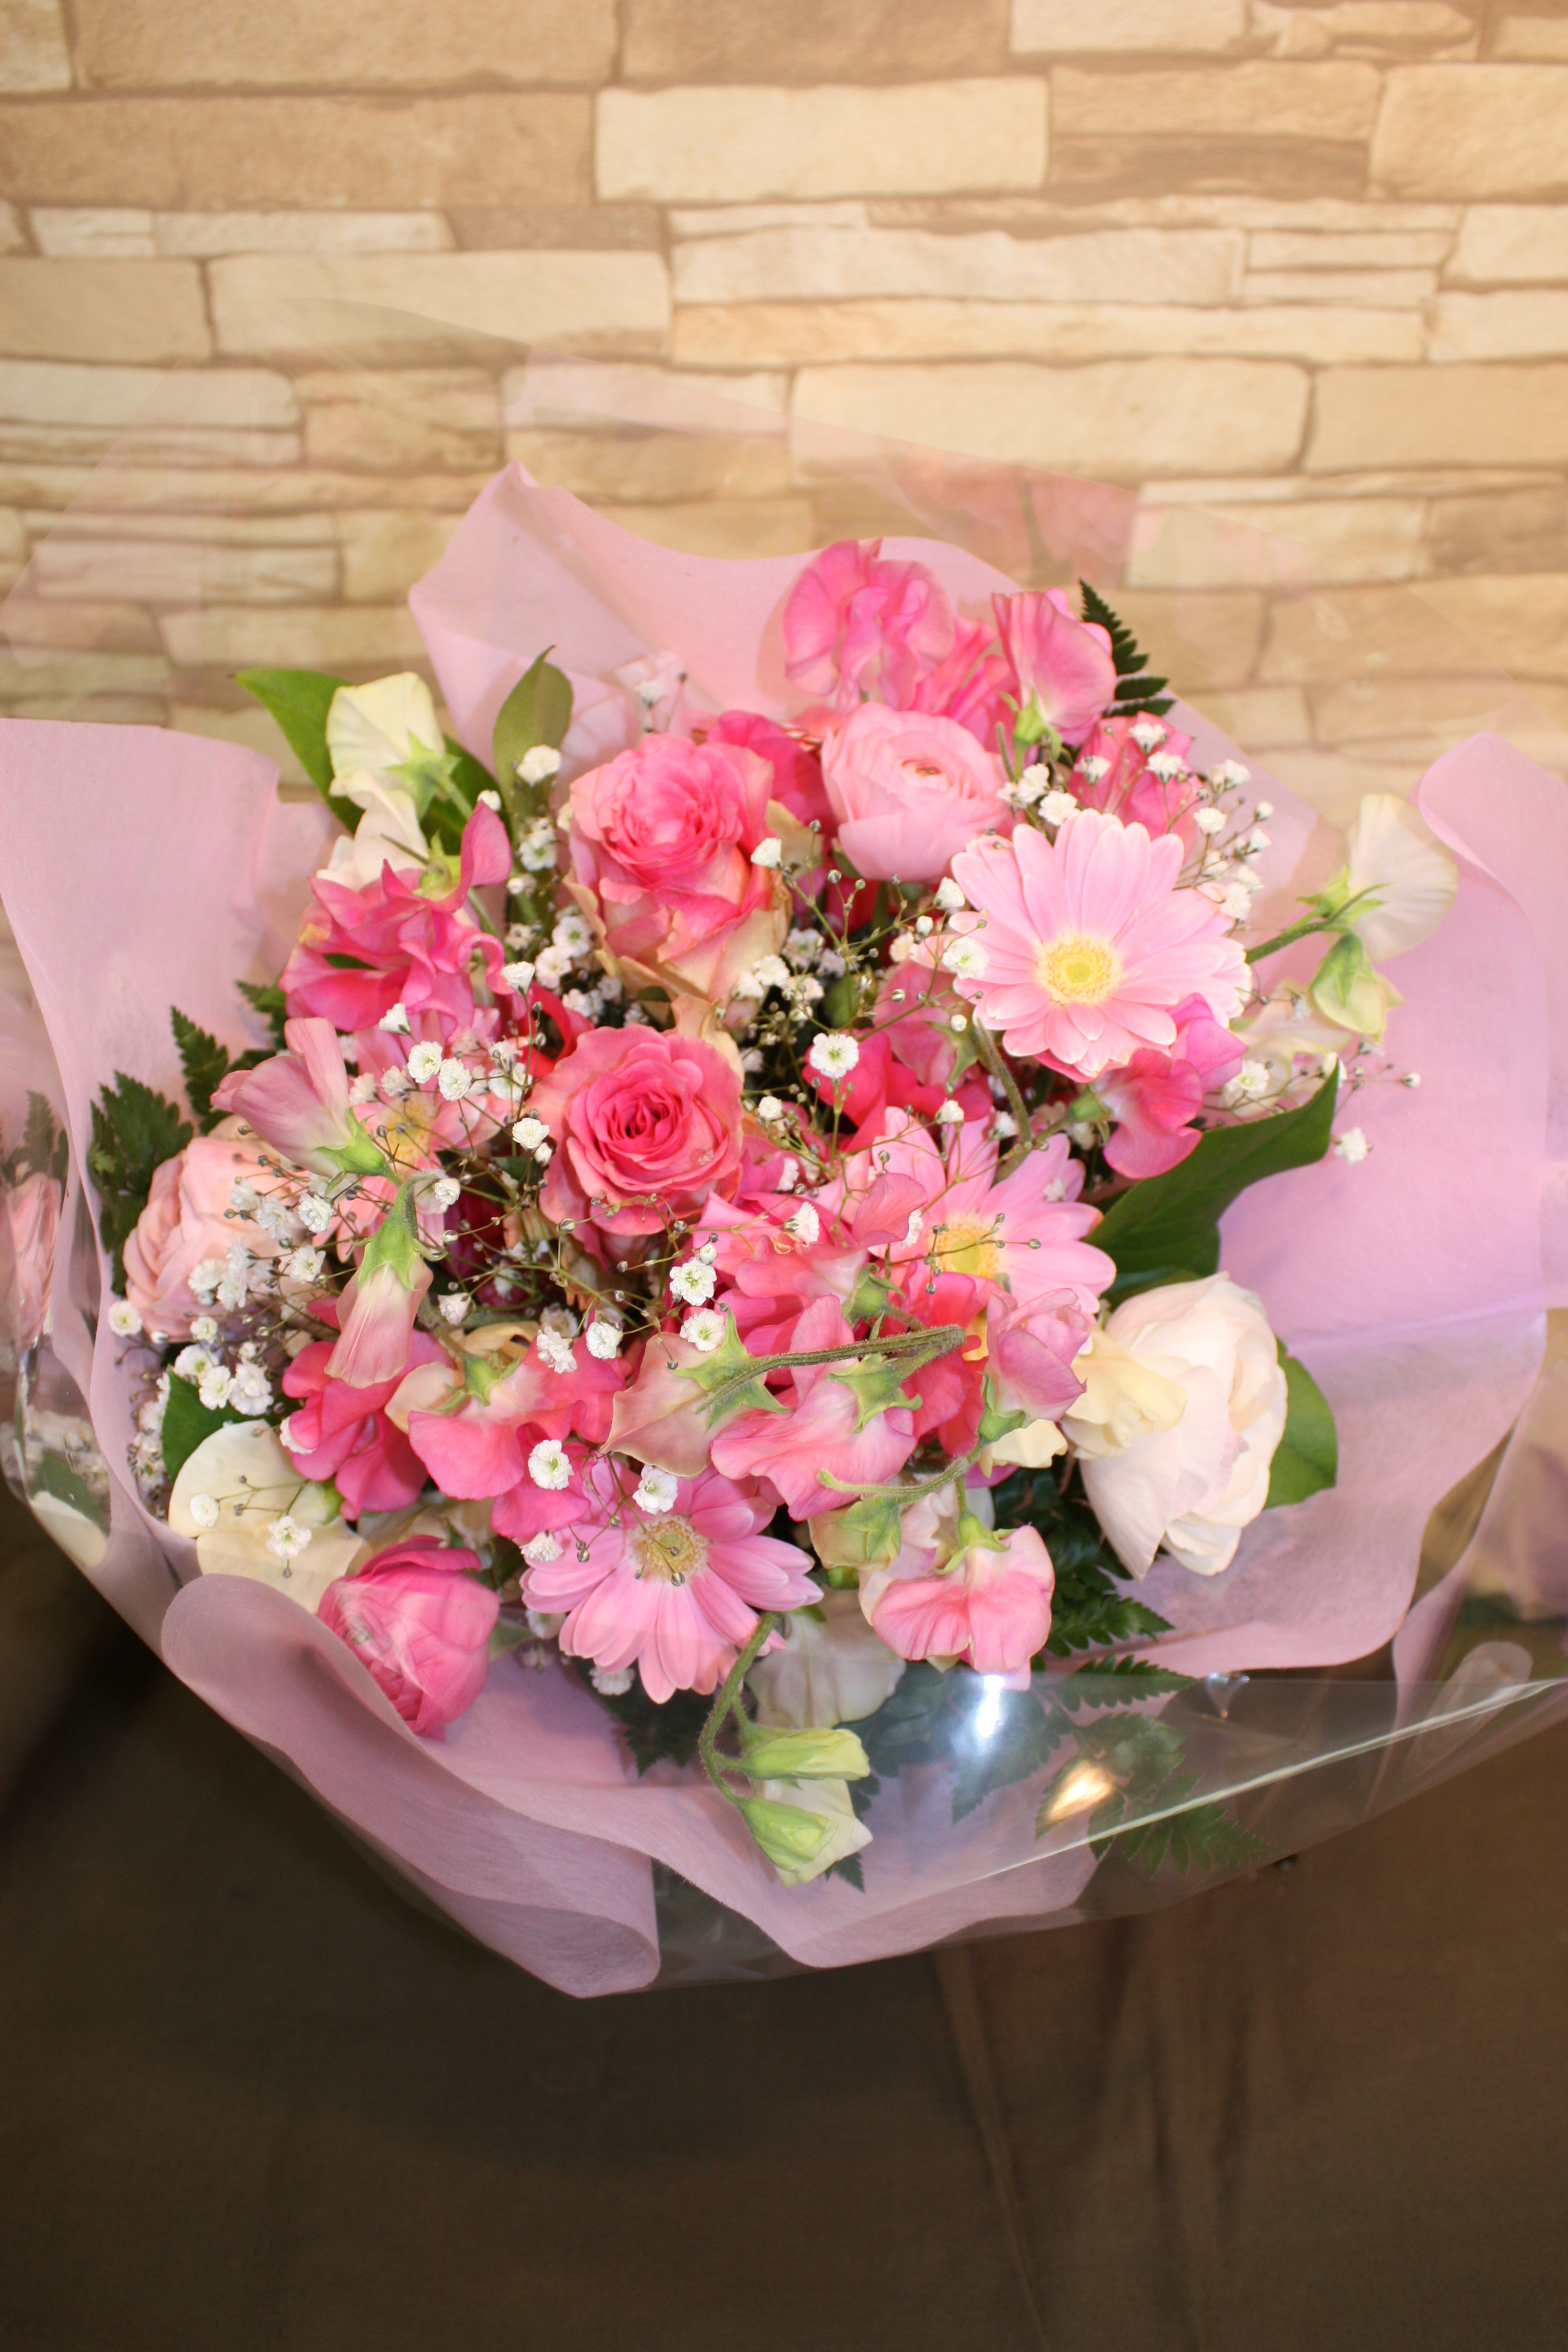 3150円のおまかせ春らしい花束